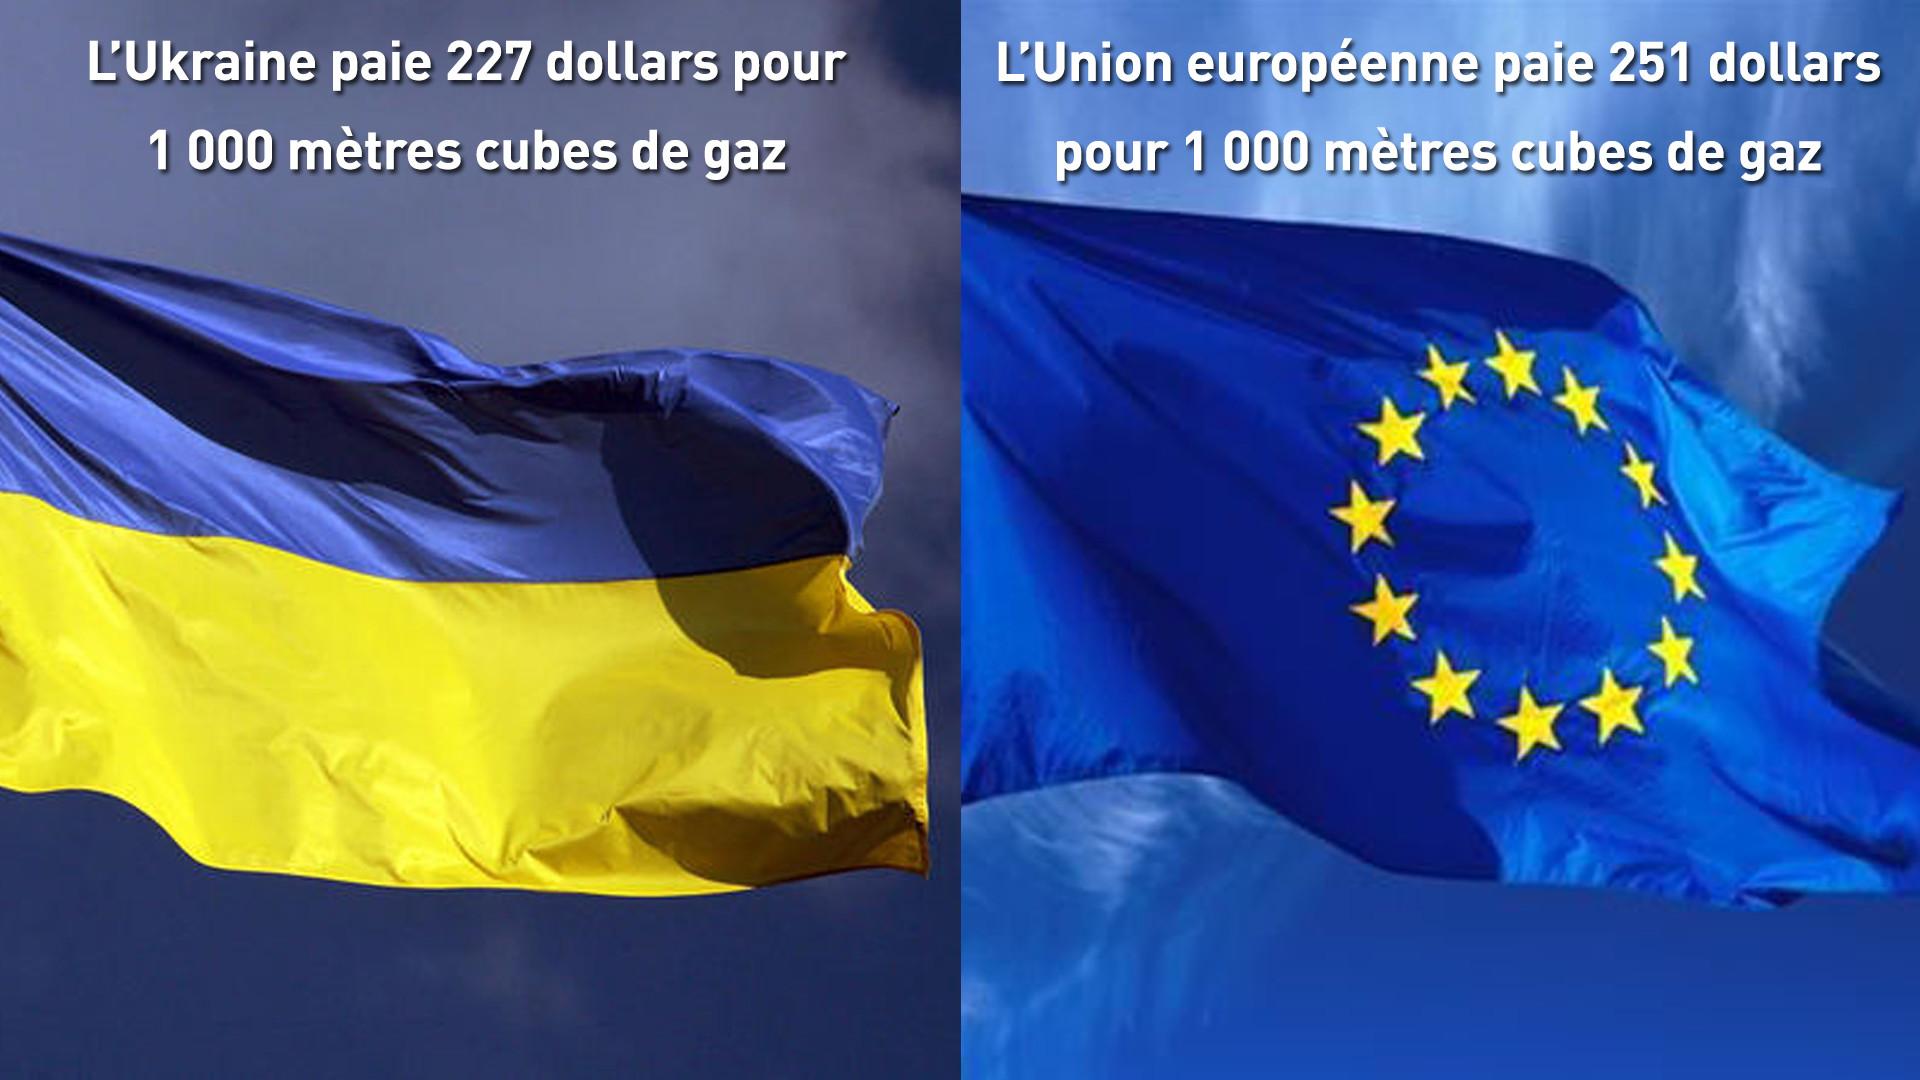 Le ministre russe de l'Energie : Kiev n'a pas encore payé son gaz pour le mois de décembre